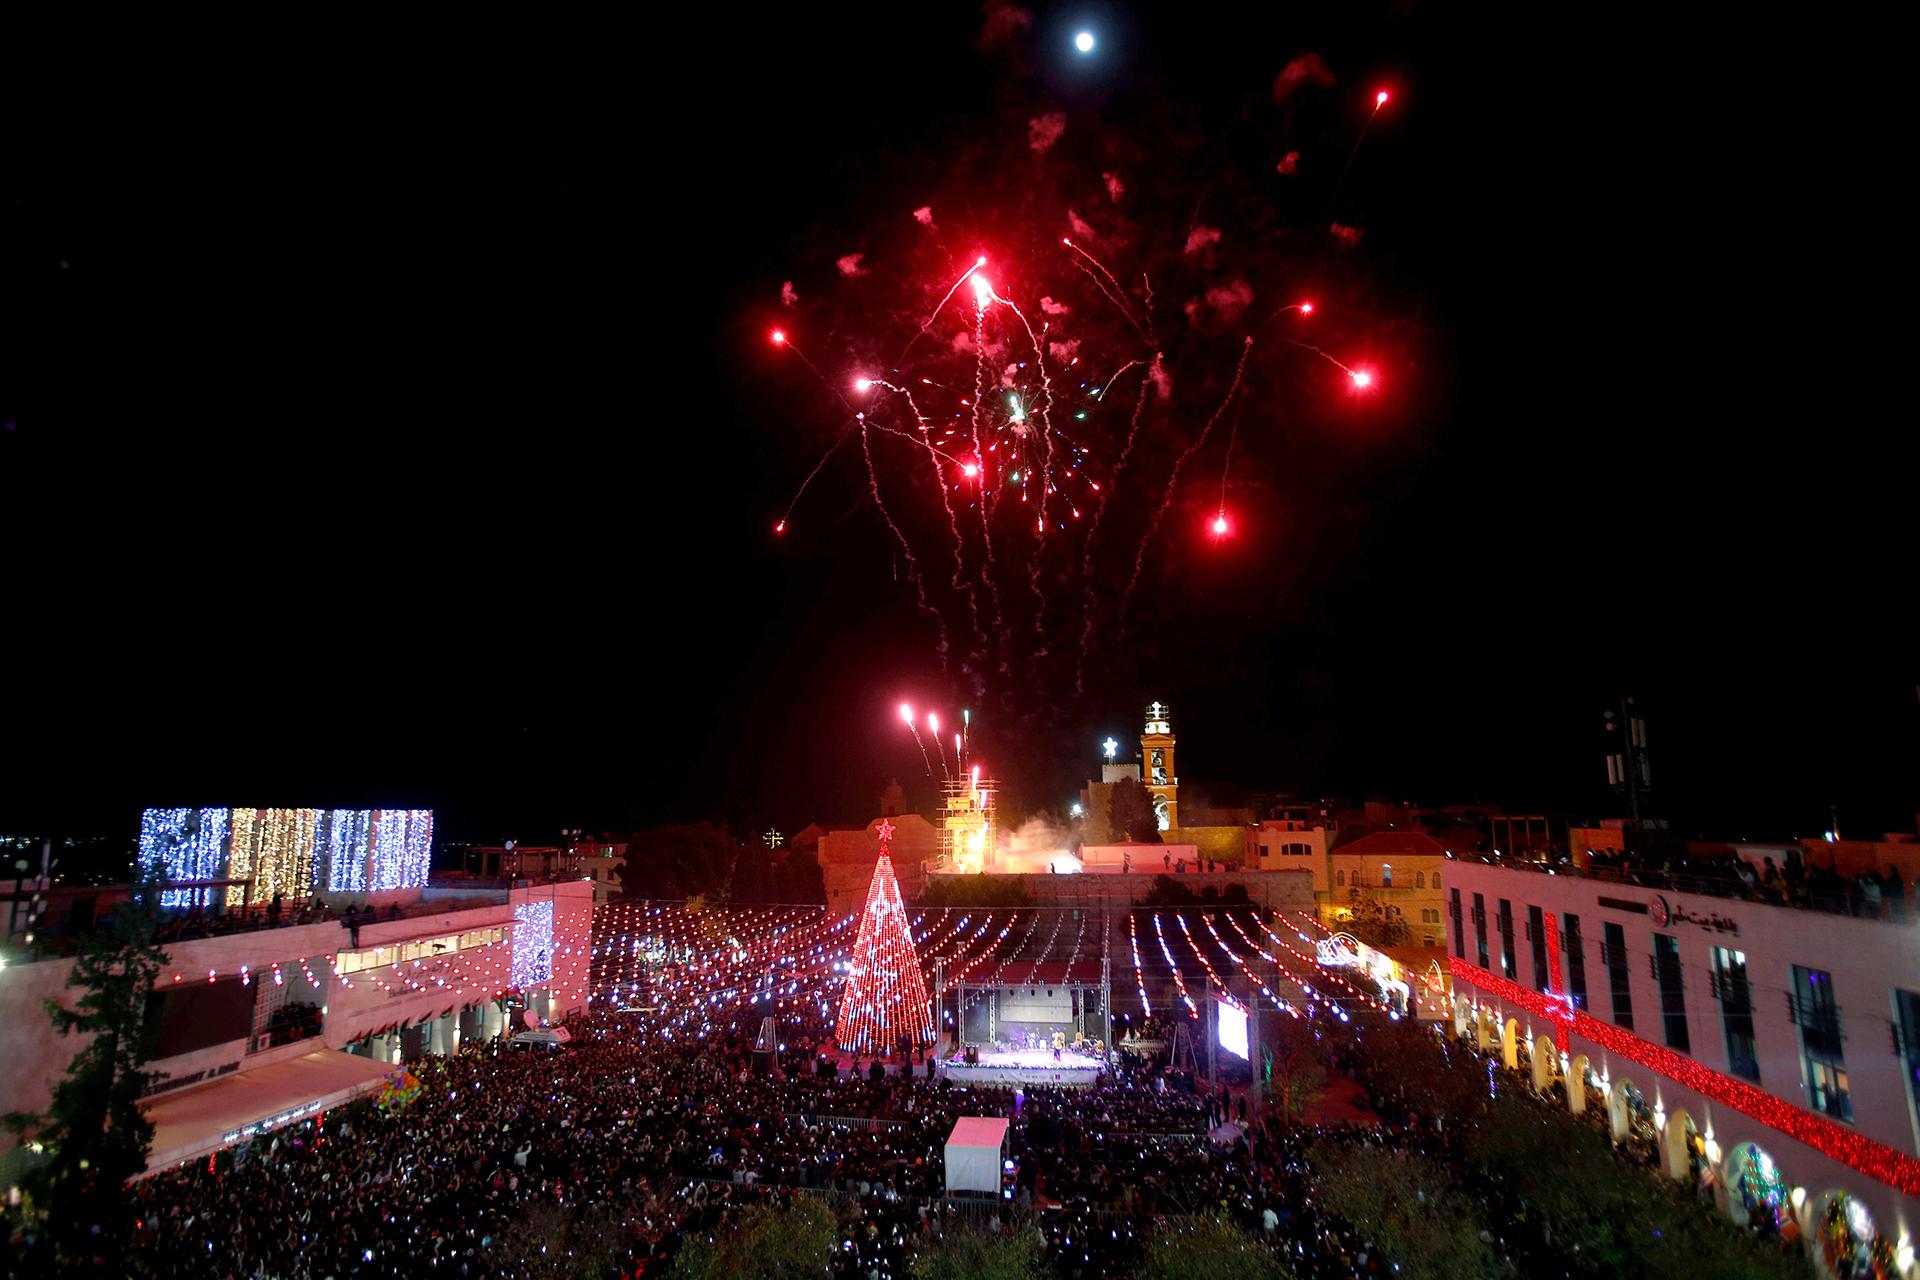 La Iglesia de la Navidad en Belén,con su marco de fuegos artificiales